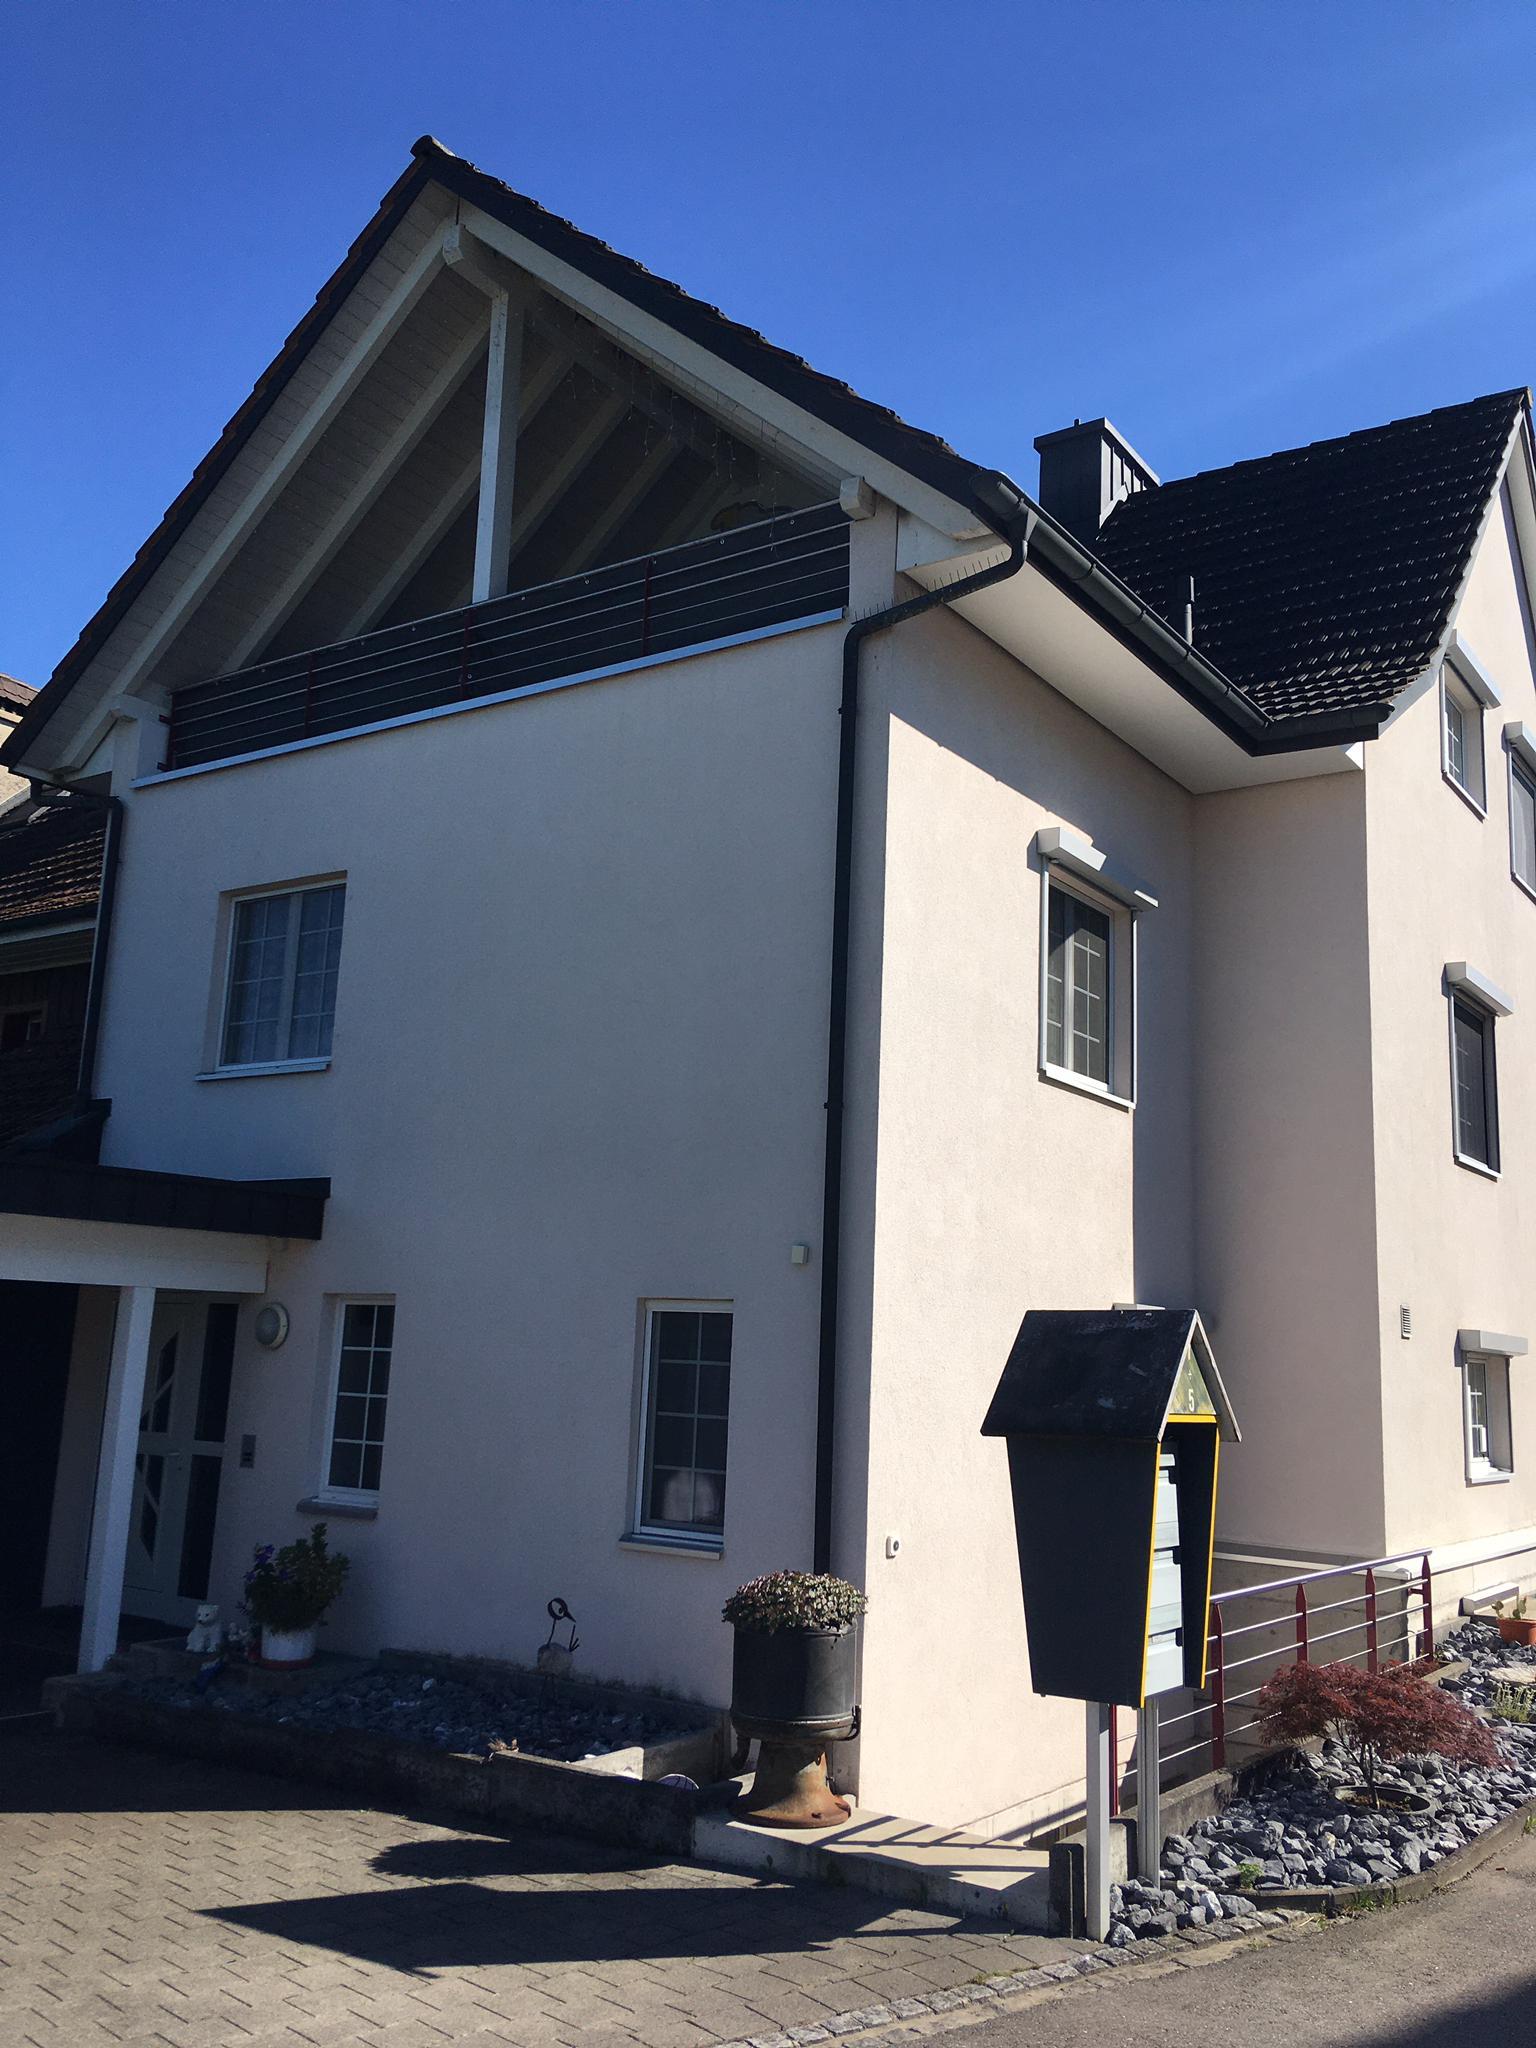 https://www.koster-gs.ch/wp-content/uploads/2021/07/Hengartner-Fassade-2-Nord-nachher.jpg